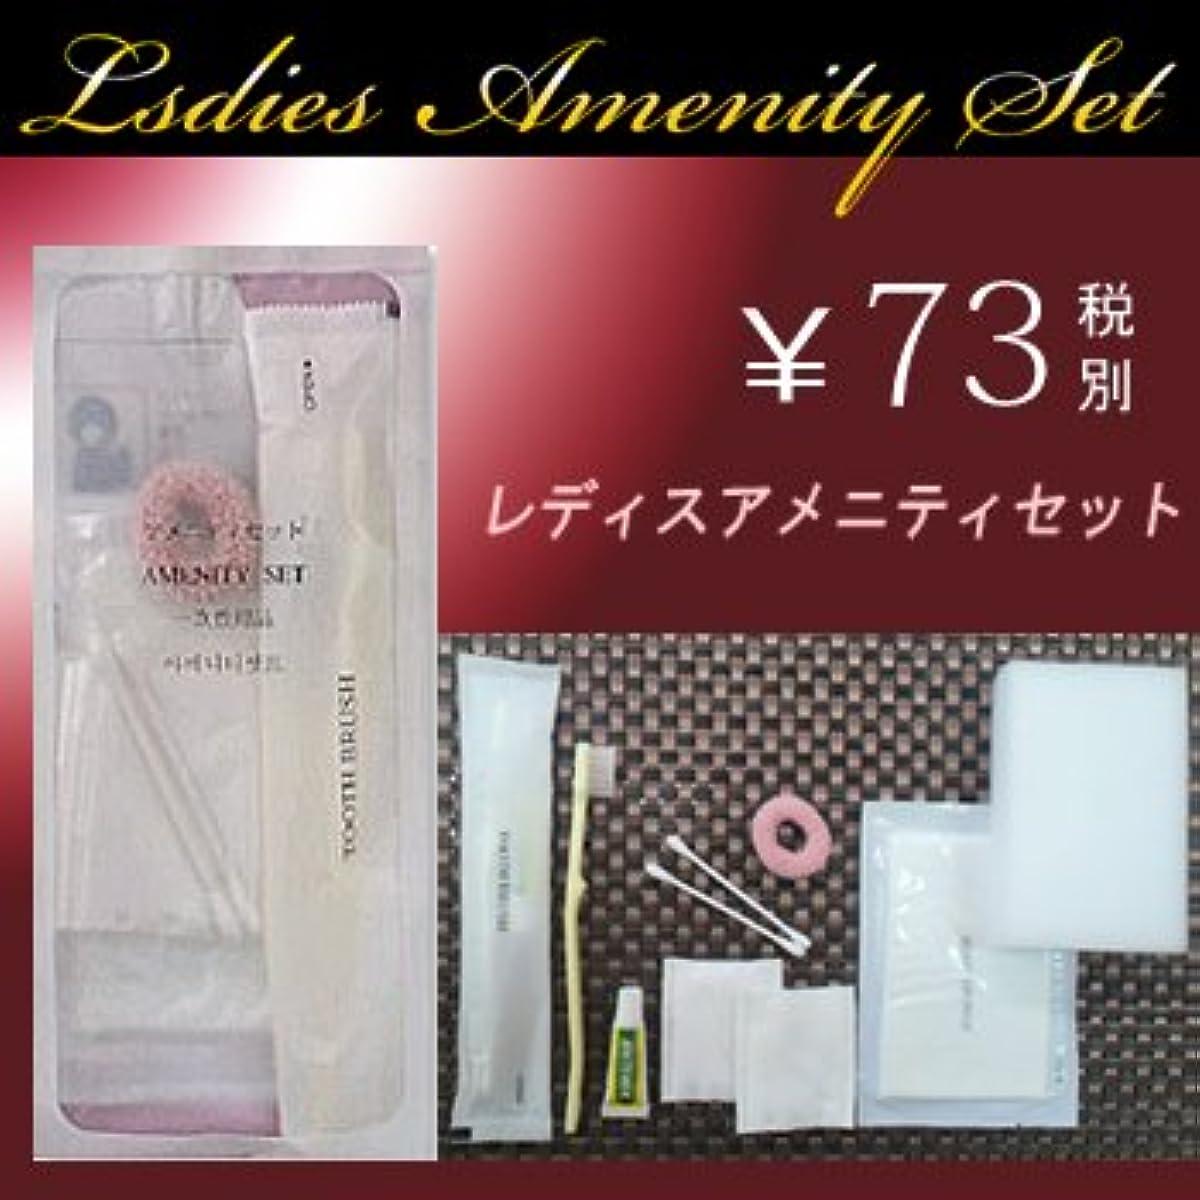 ゆでる鉄基準レディスアメニティフルセット袋入(1セット300個入)